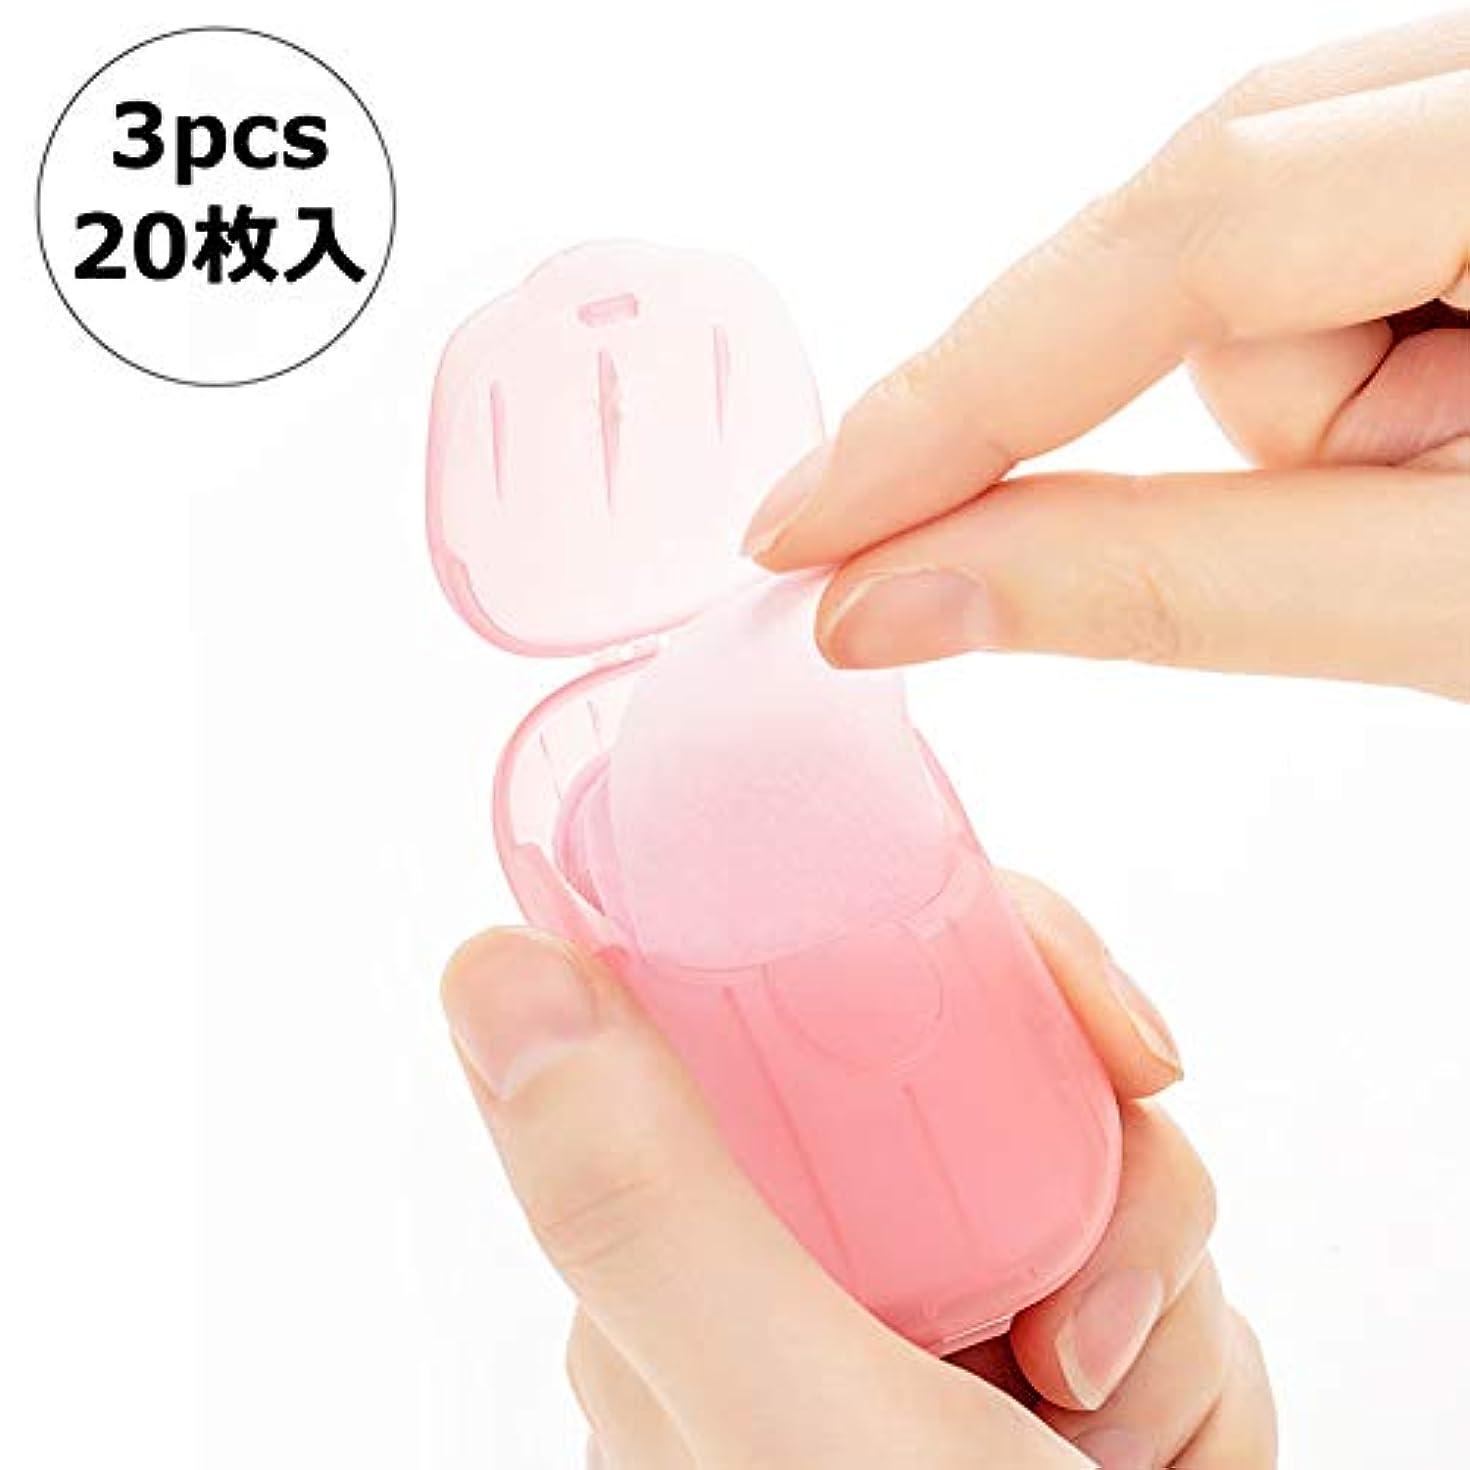 佐賀船員二層NITIUMI ペーパーソープ 除菌 香り 石鹸 手洗い/お風呂 旅行携帯用 紙せっけん 20枚入 ケース付き カラーランダム (3個セット)